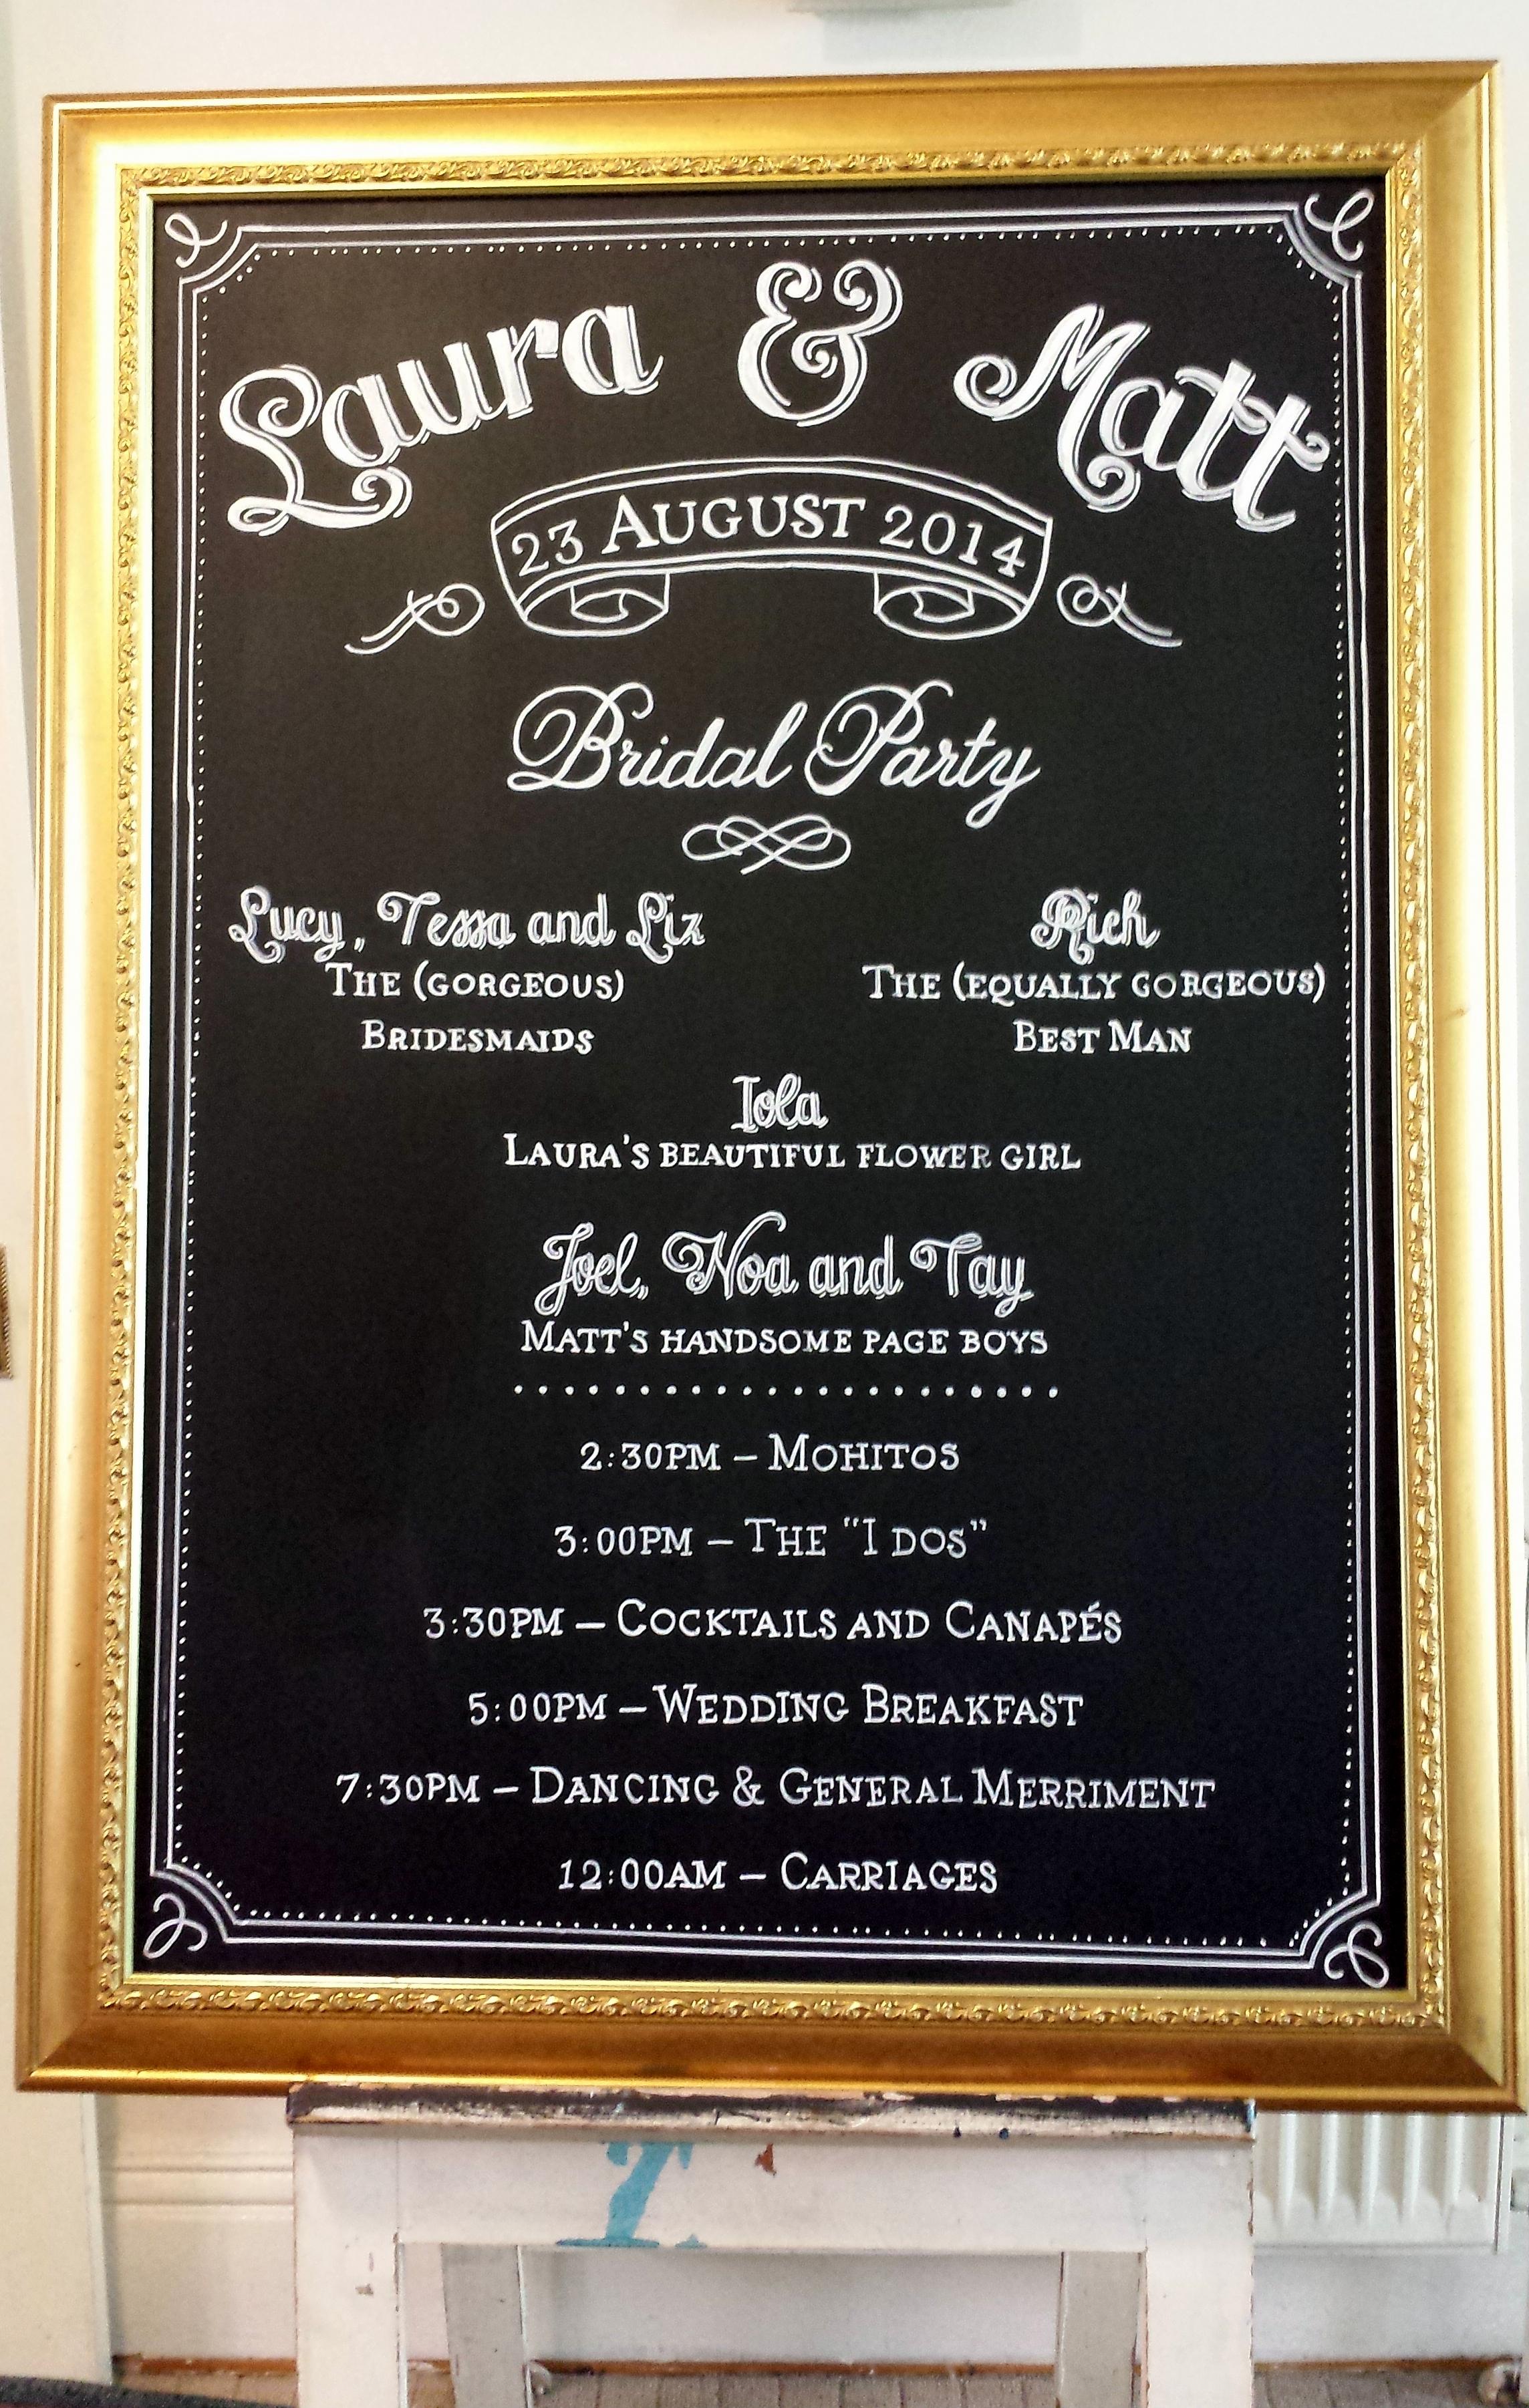 Oxley Wedding